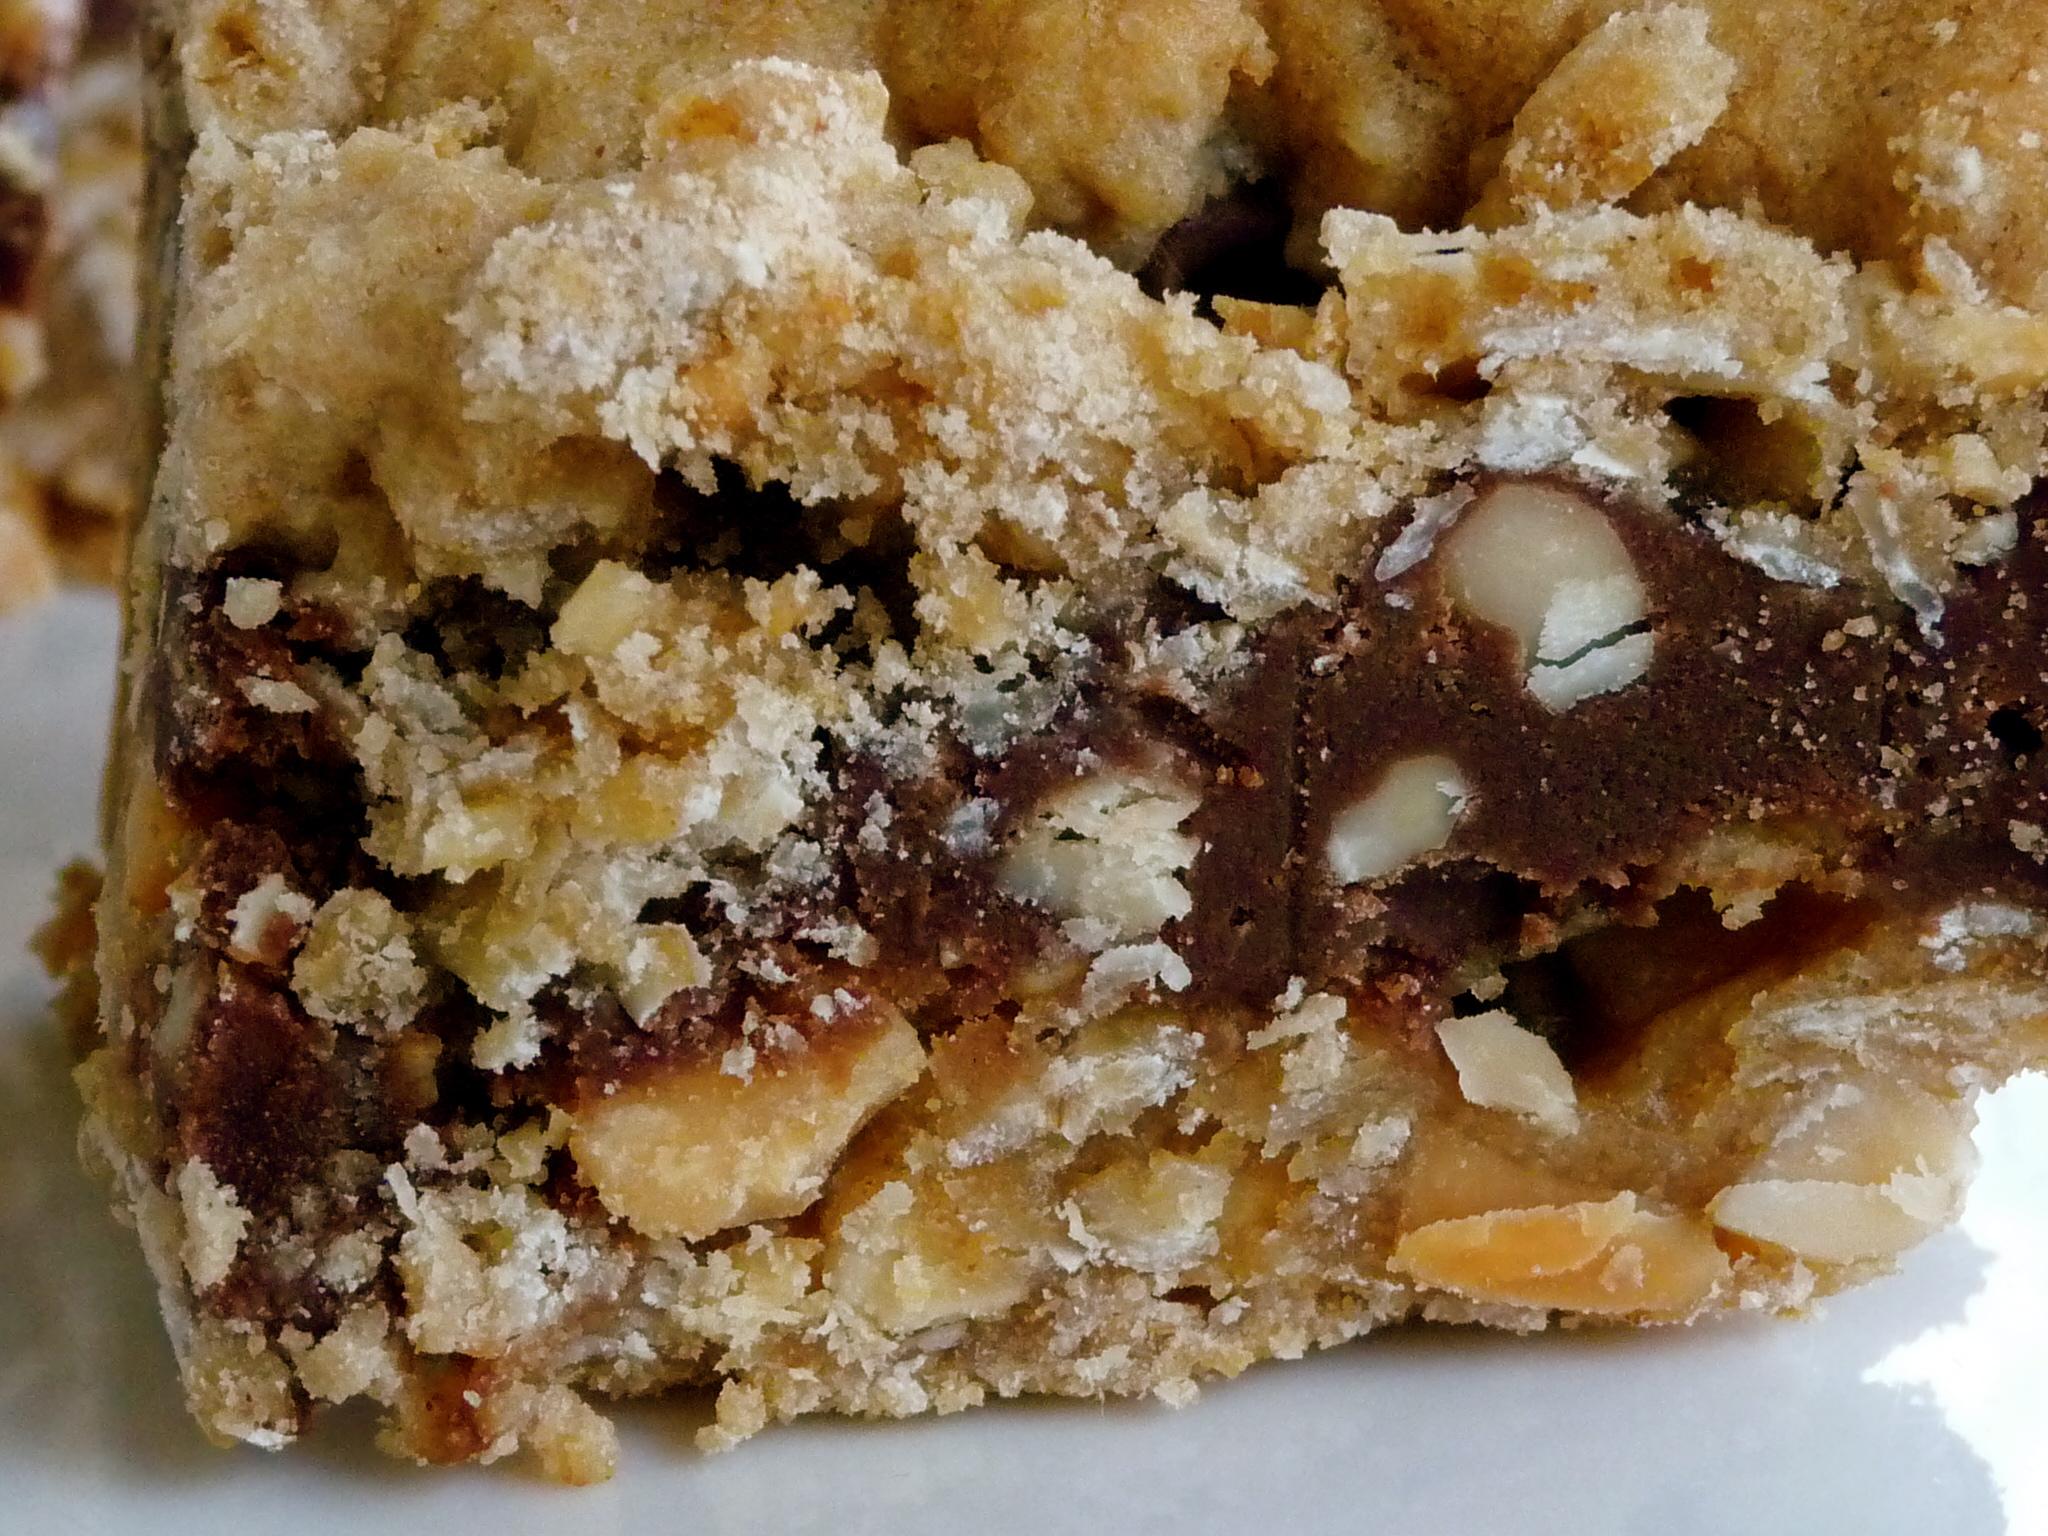 oatmeal candy bars 1